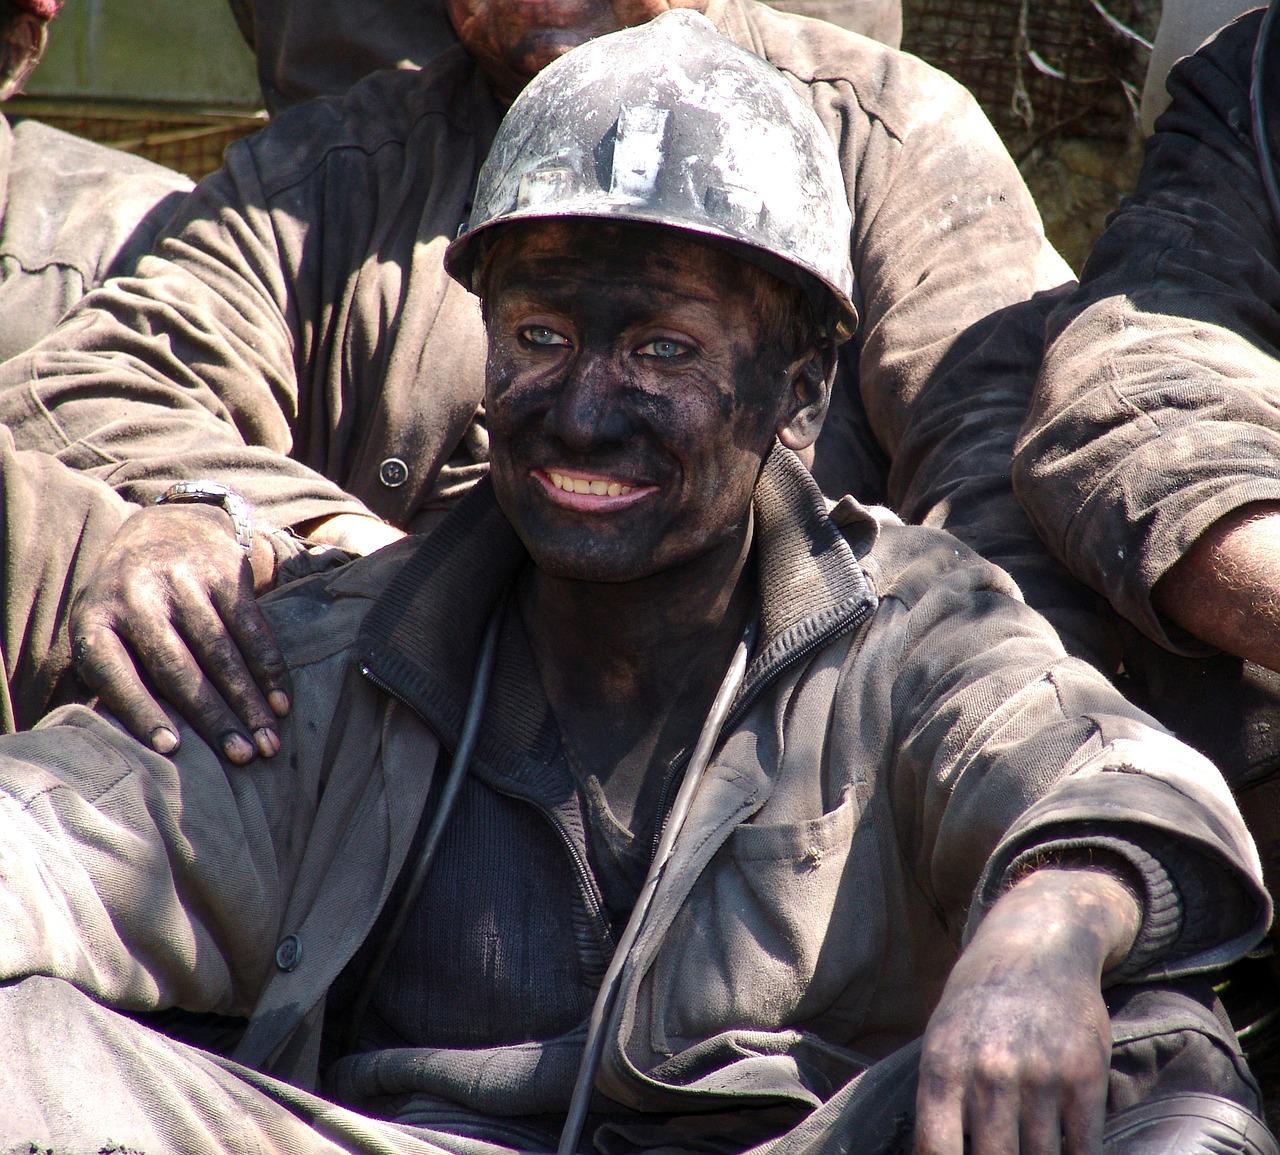 miner-1867831_1280.jpg